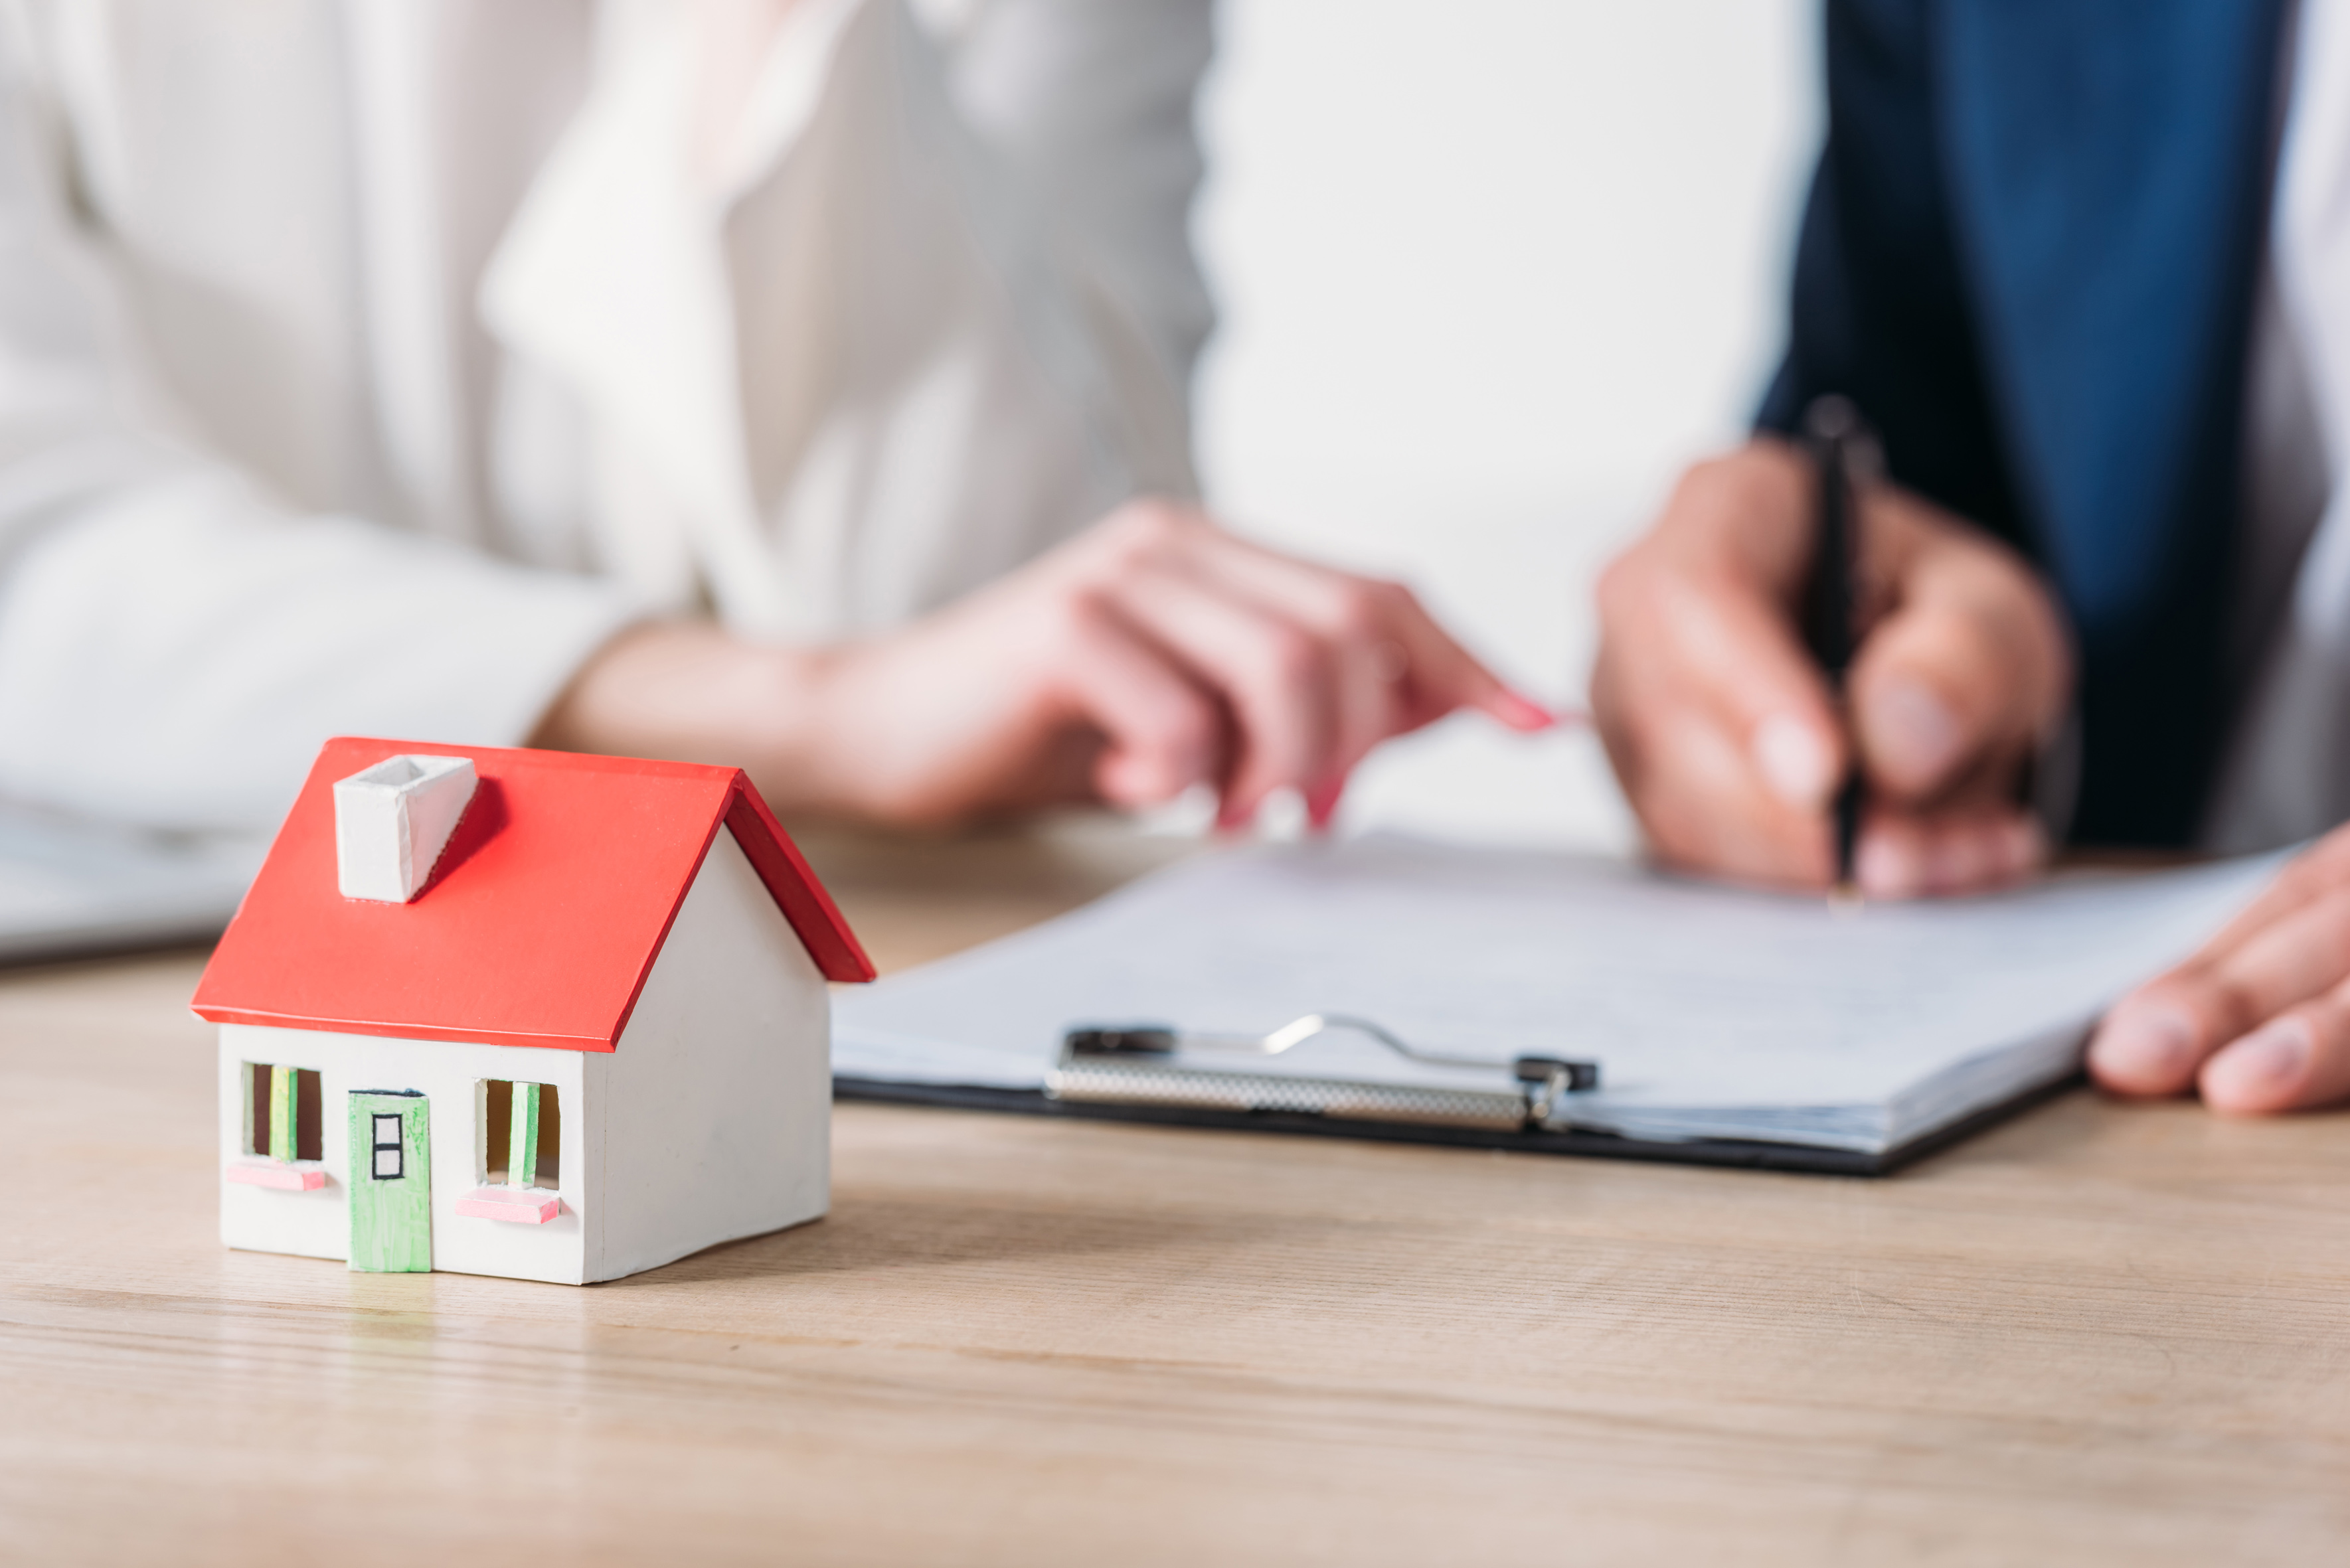 Взять ипотеку с плохой кредитной историей и просрочками